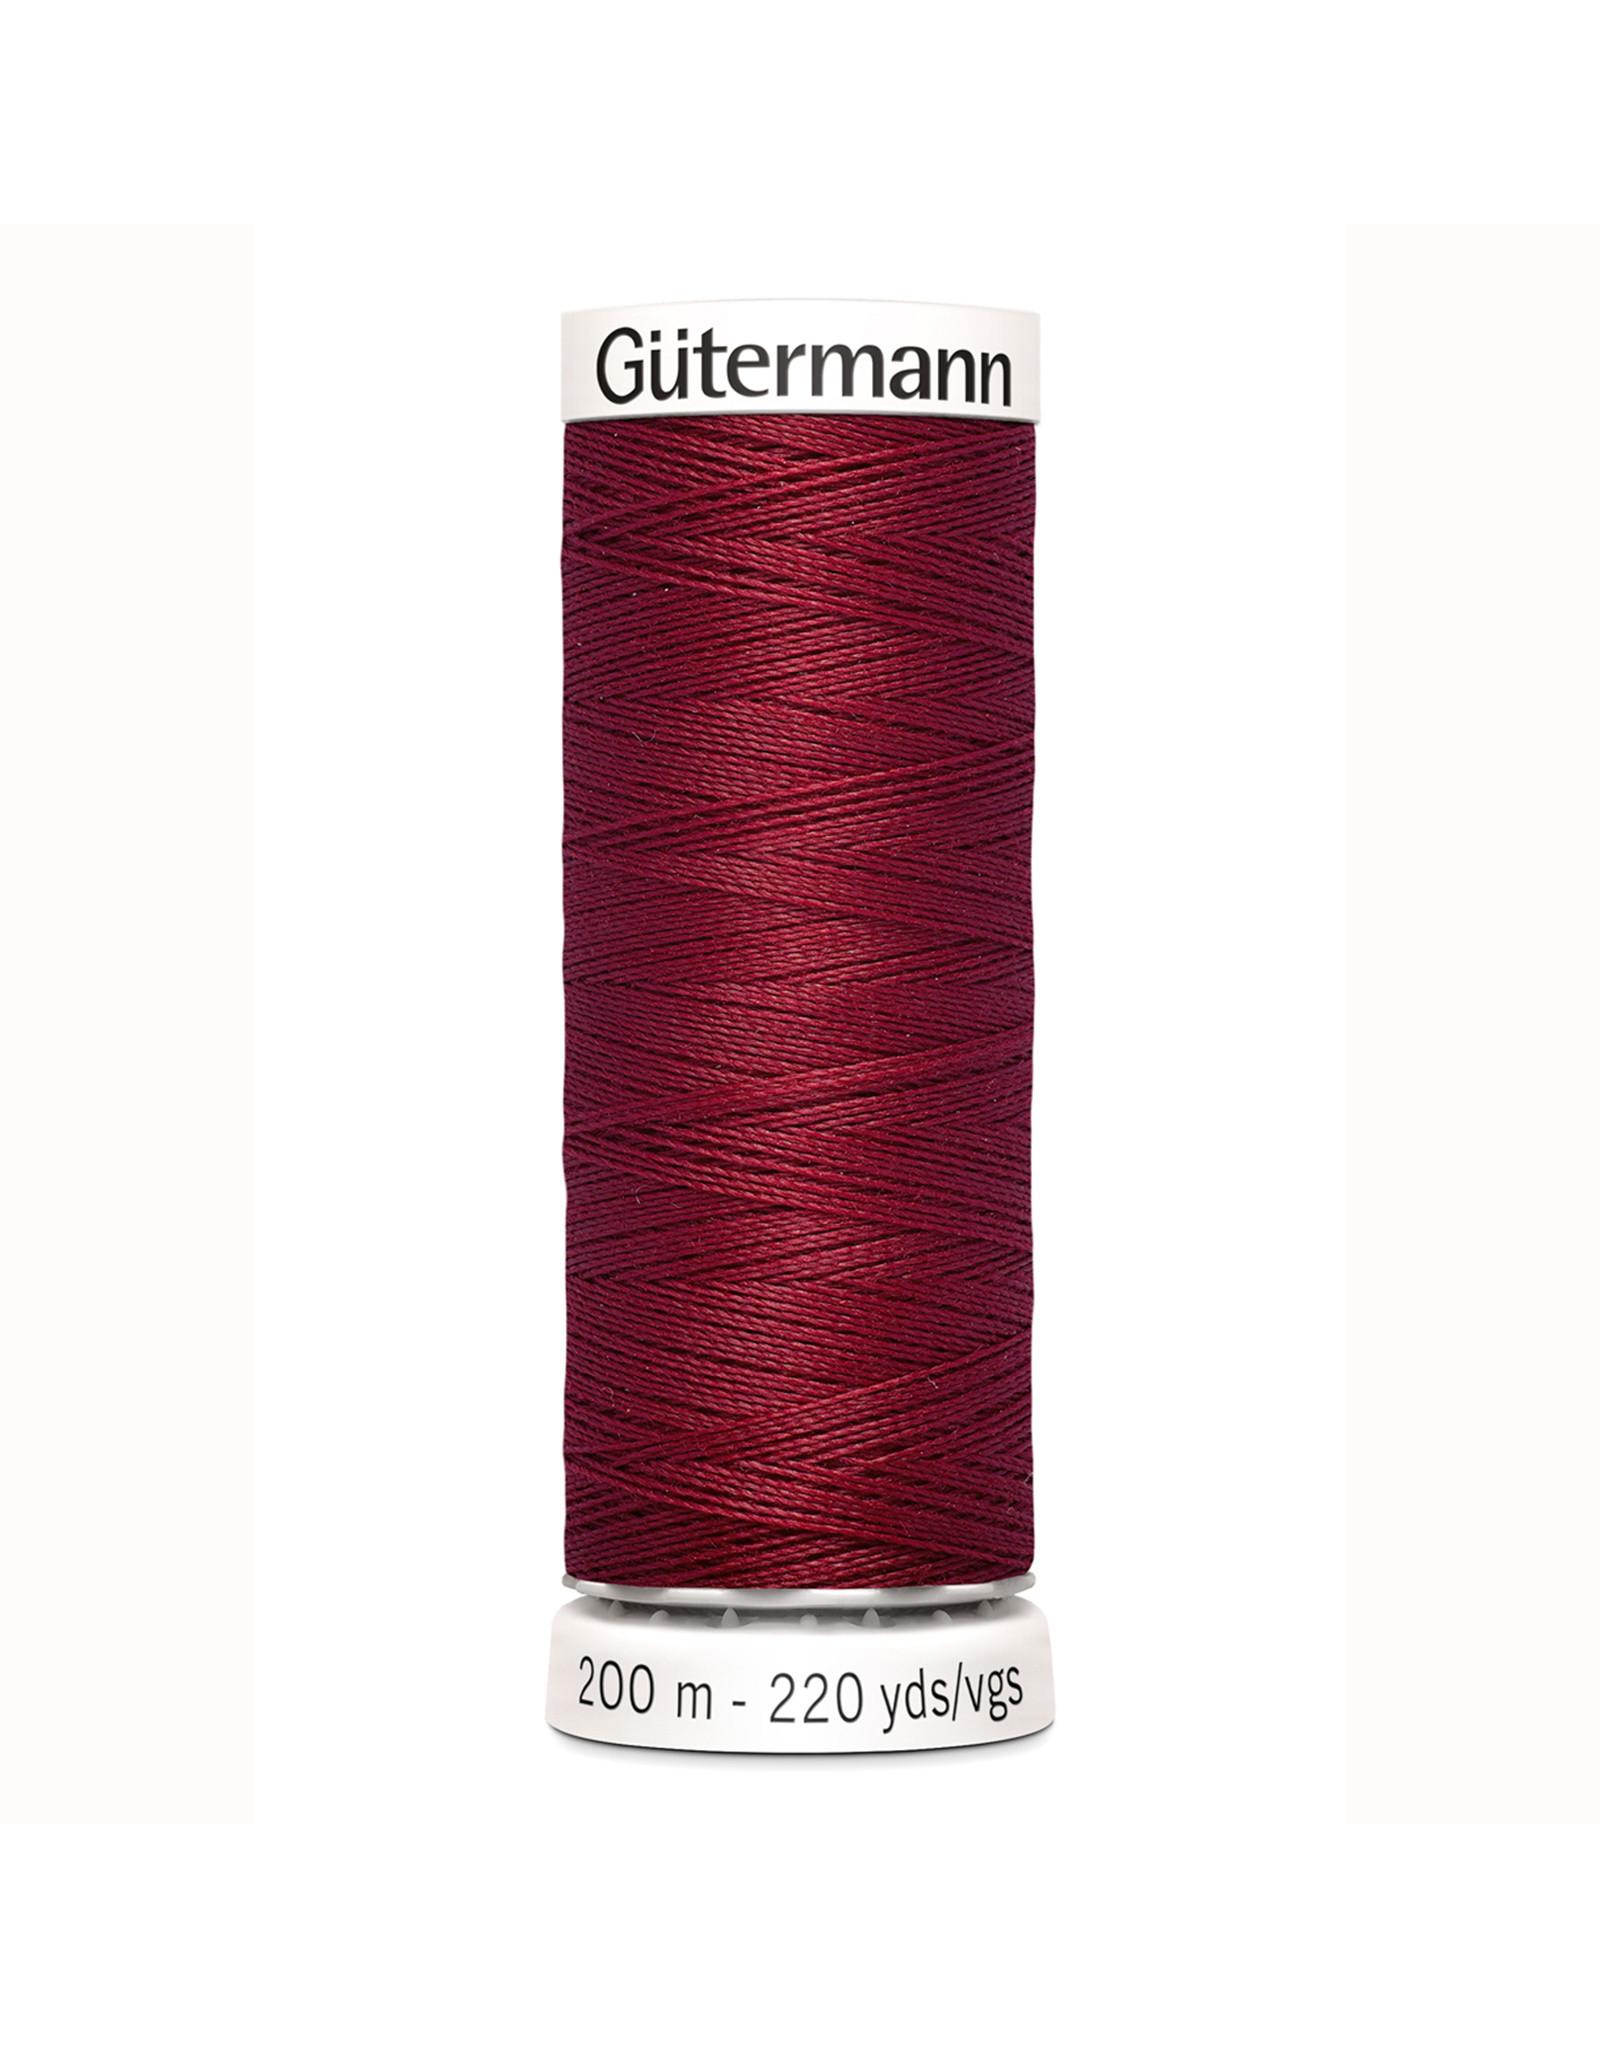 Gütermann Gütermann Sewing Thread 200 m - nr 226